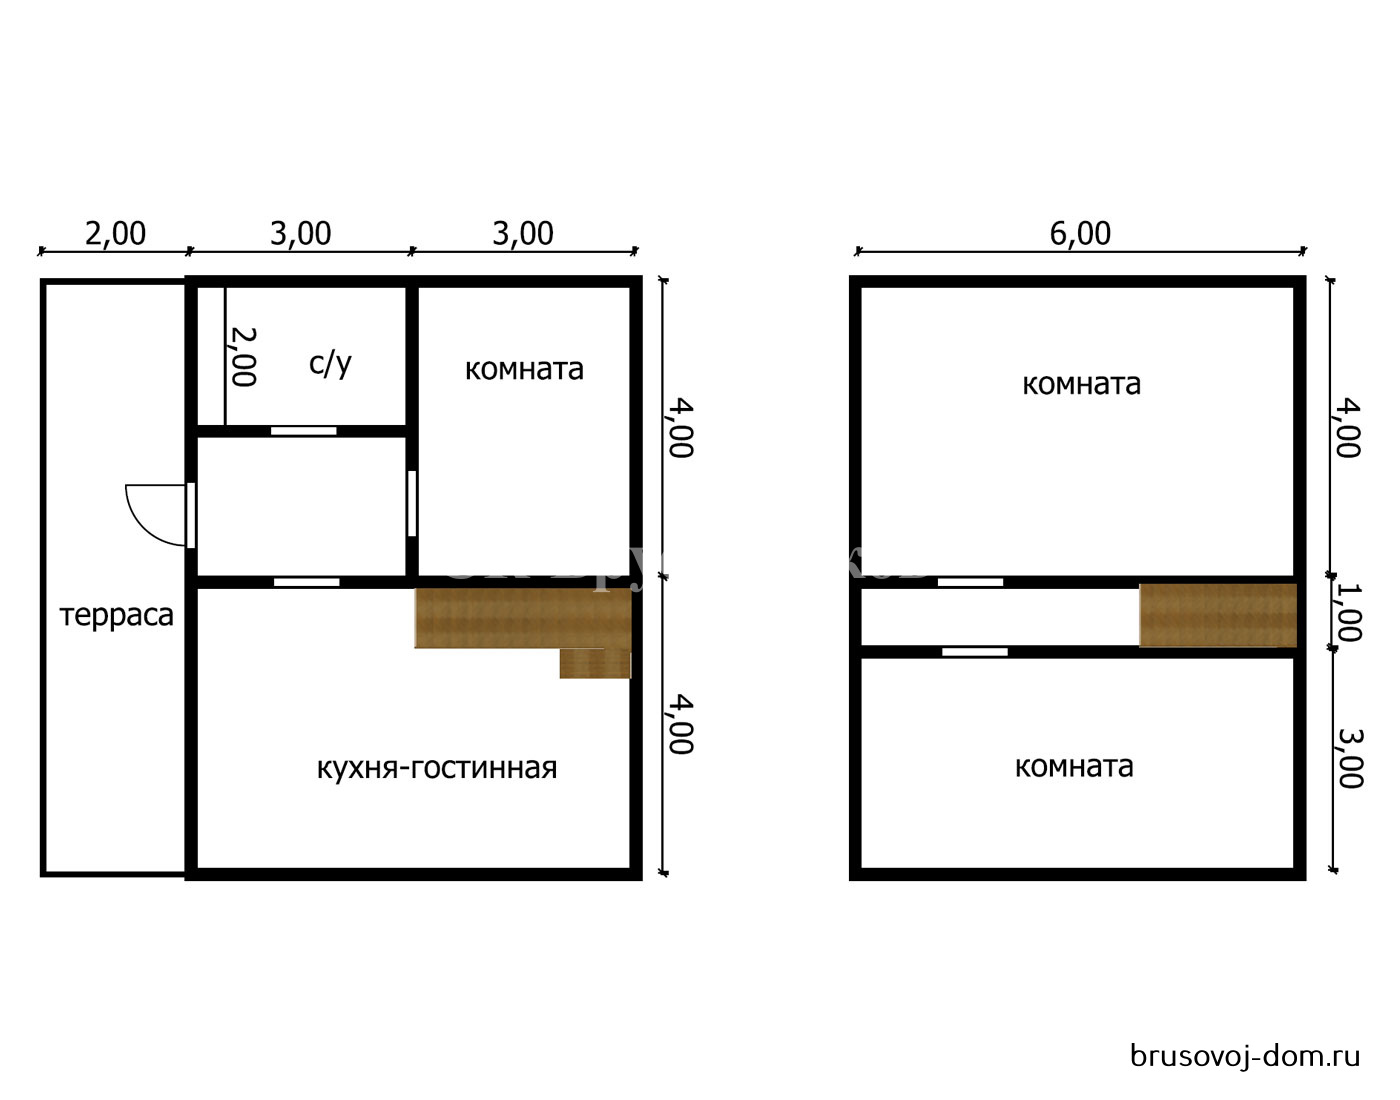 Дом под усадку 8х8 м не дорого Тосно